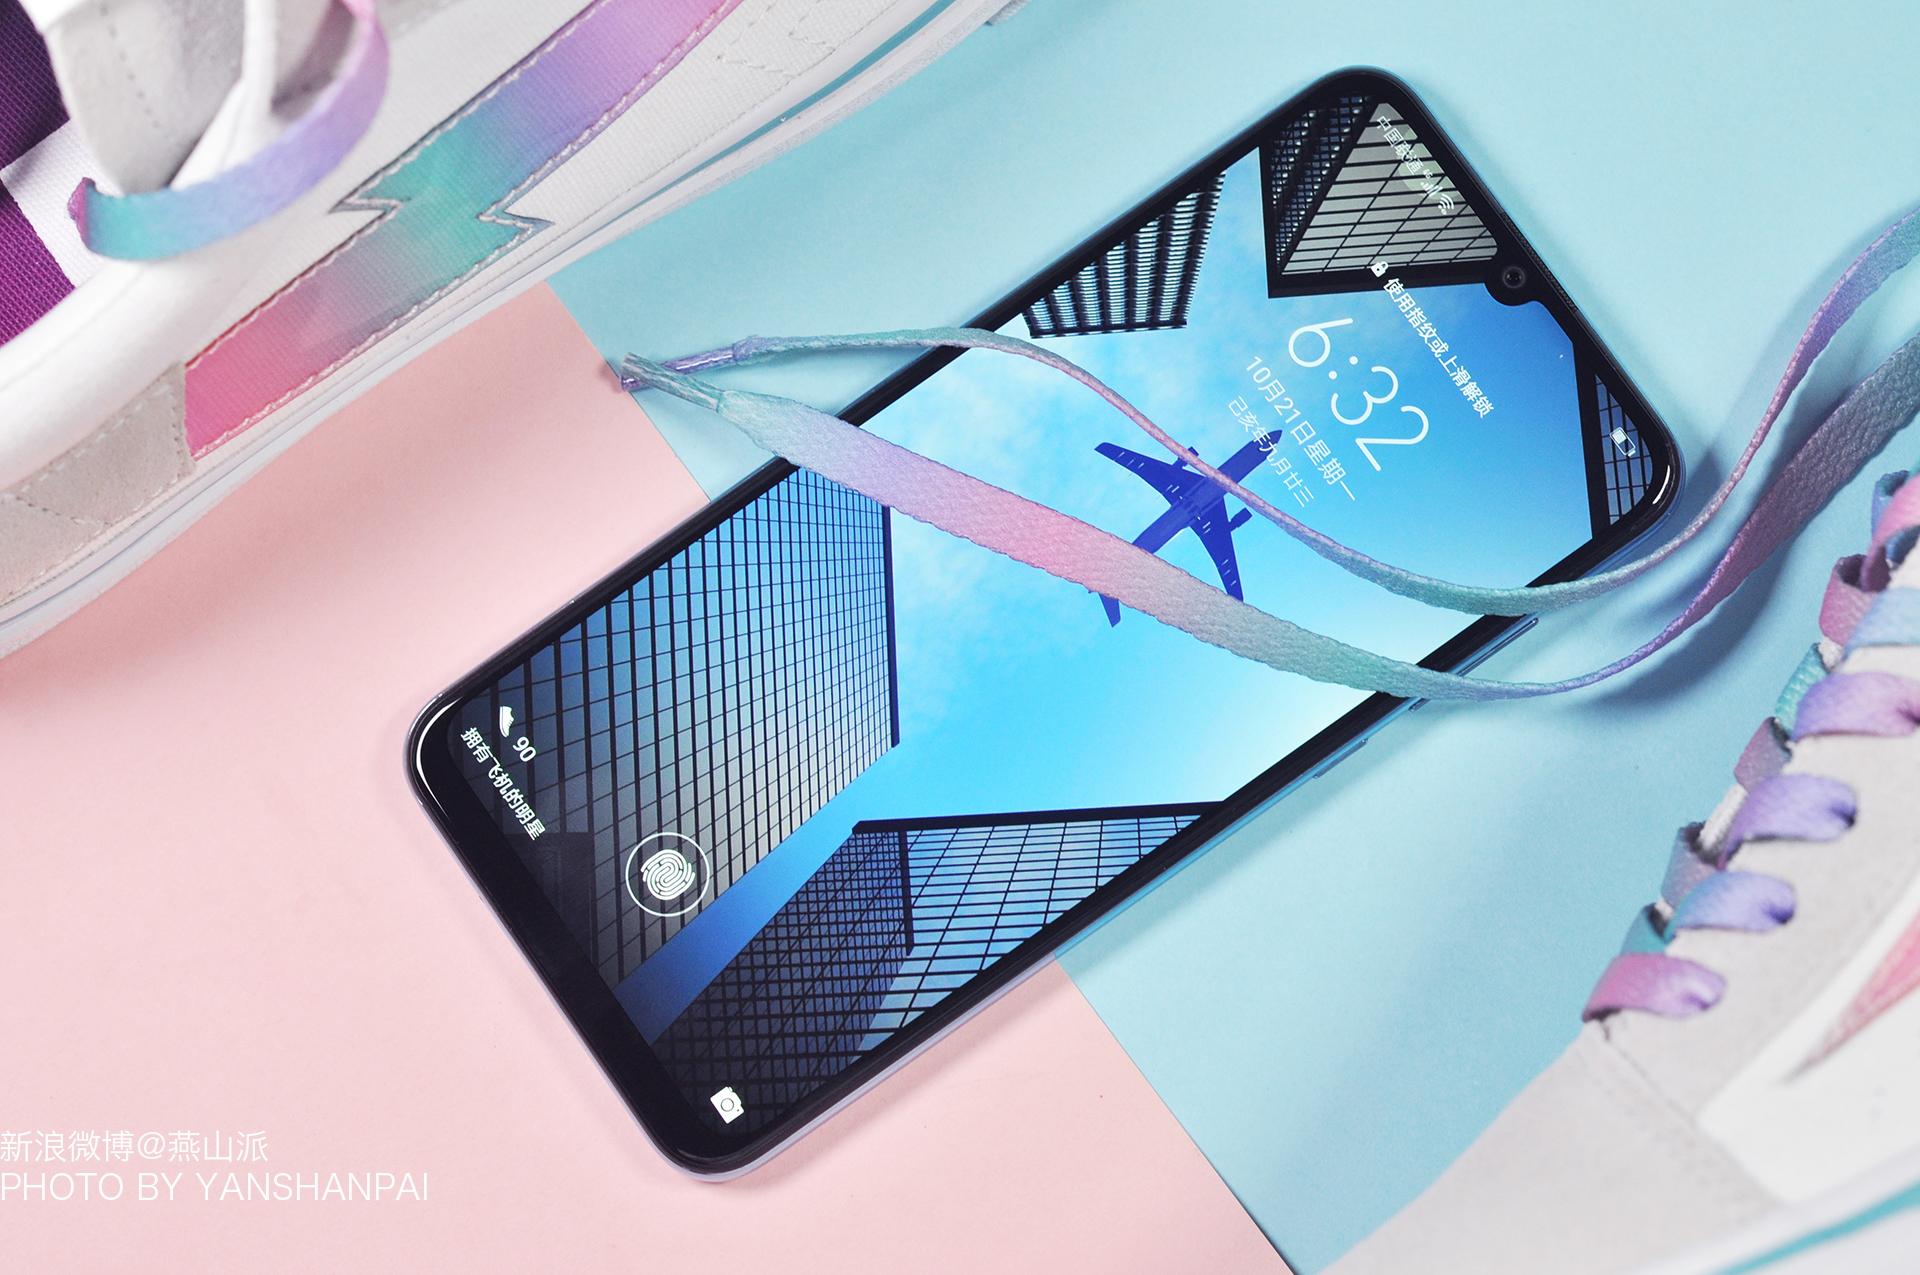 荣耀20芳华版全面评测,一台1399元的手机为何能征服大批女性用户